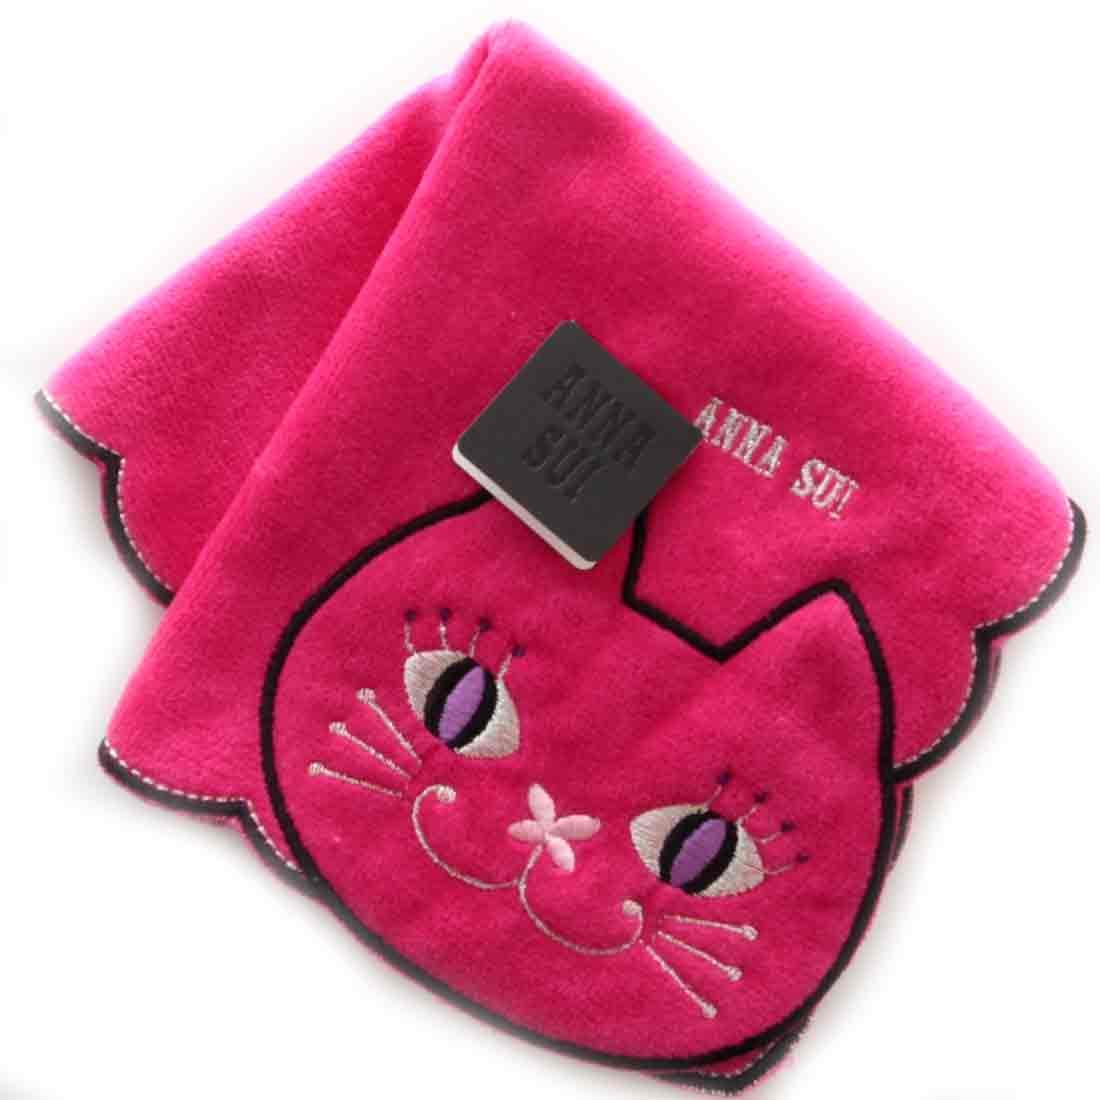 激安挑戦中 アナスイ メーカー公式 ANNA SUI アナ ネコ刺繍タオルハンカチ スイ ピンク 9502